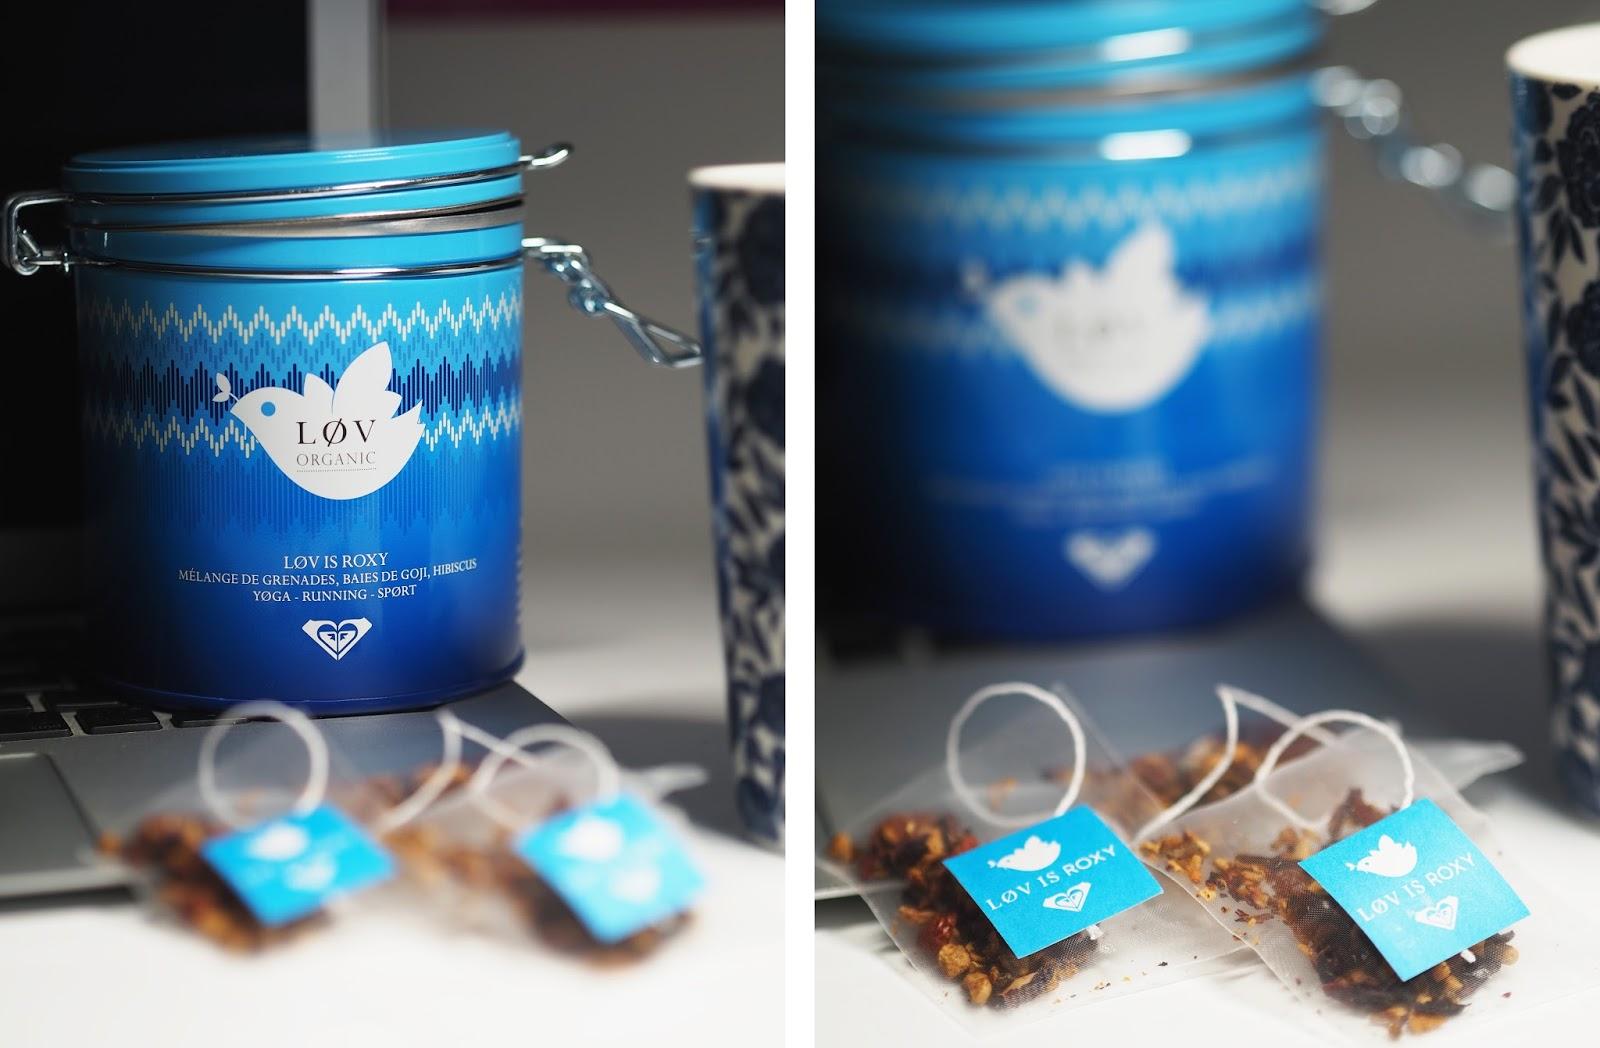 LOV ORGANIC TEA vs. COFFEE 3